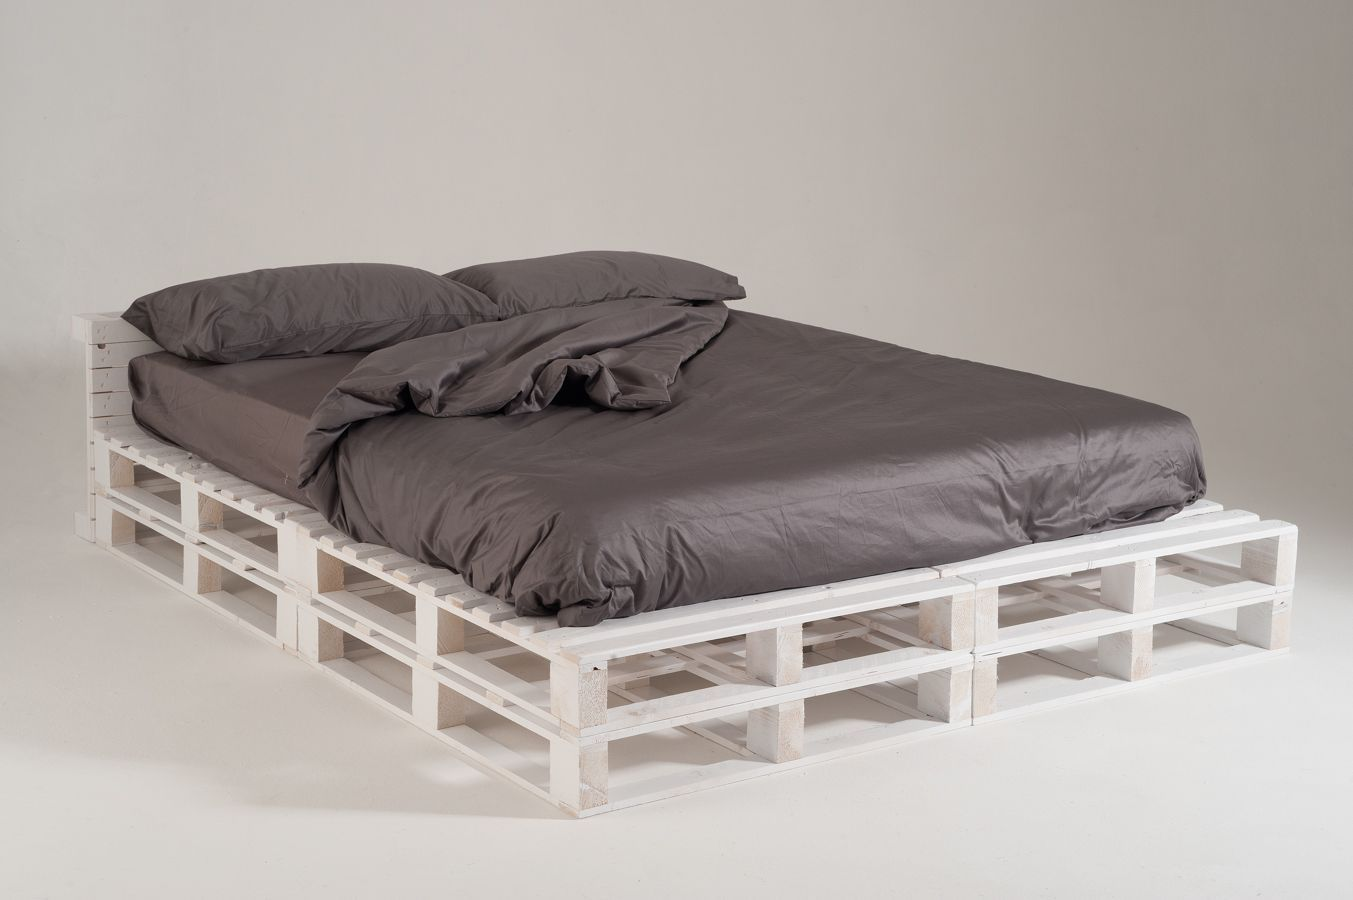 Letto futon con pallet futon bed made with pallet foto - Letto futon ikea ...